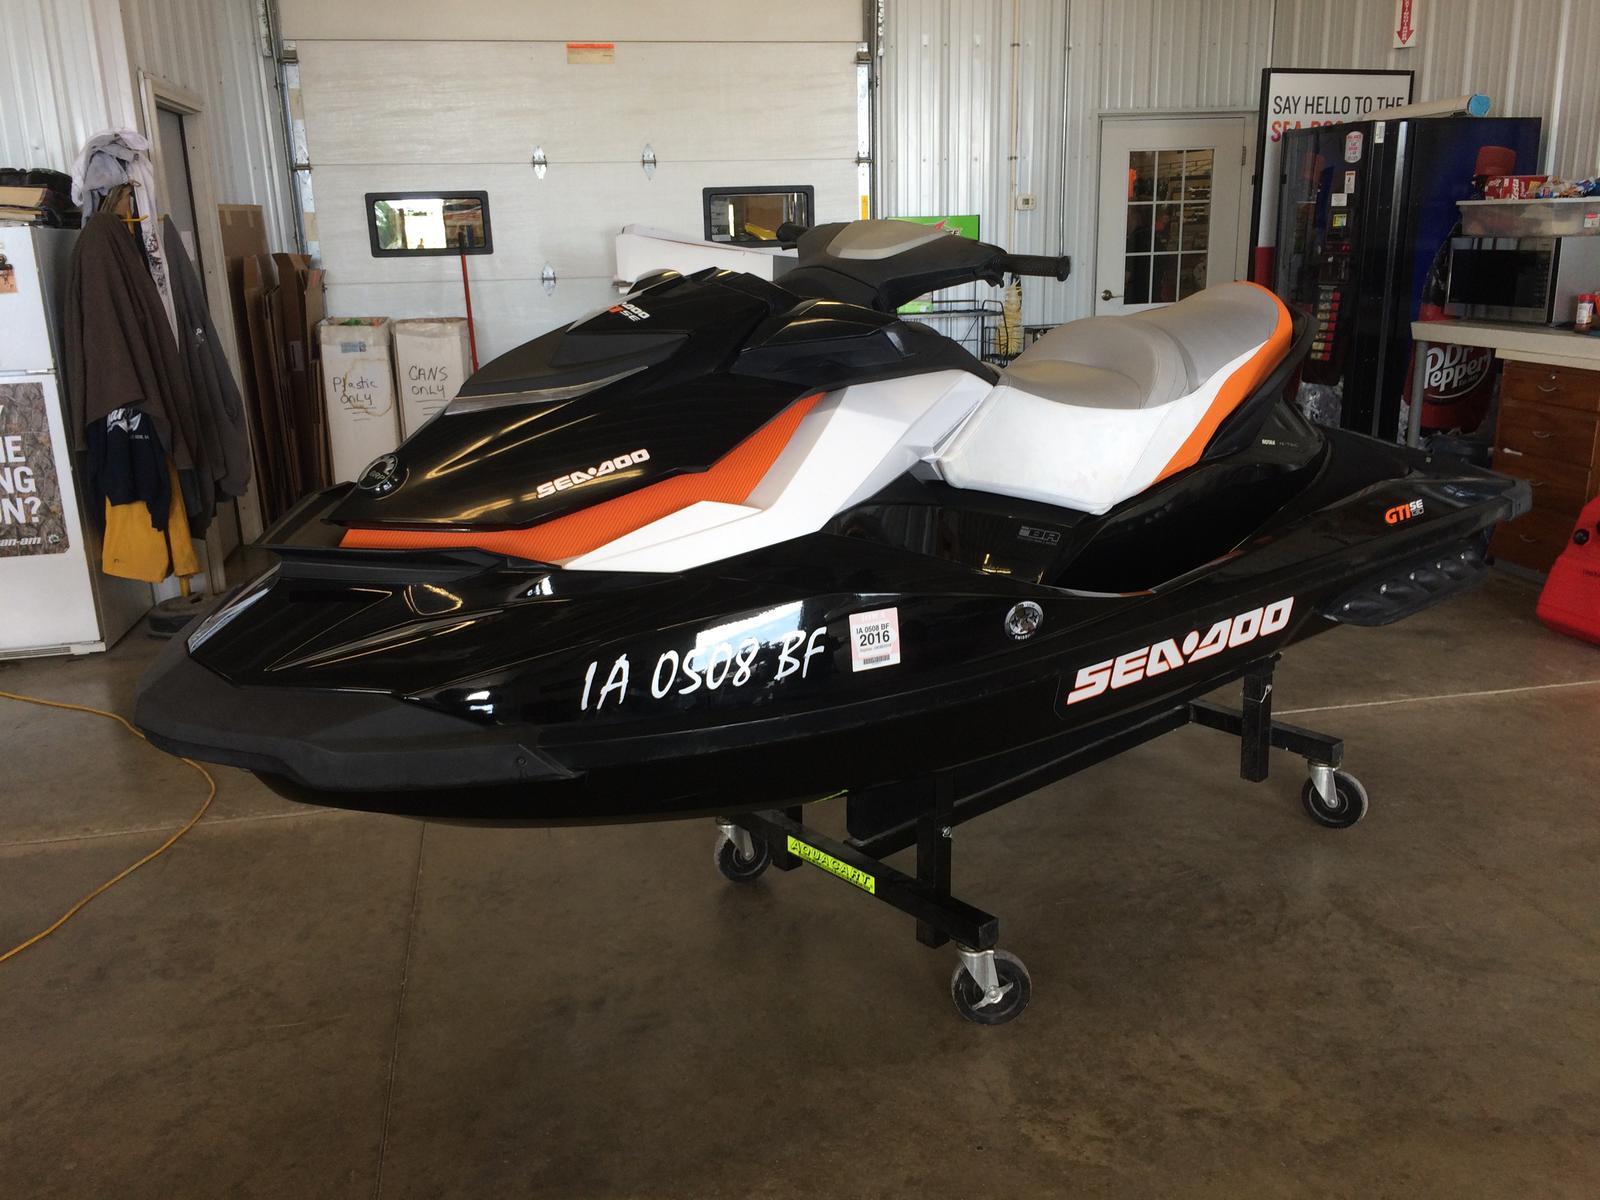 $5,200, 2011 Sea-Doo GTI SE 130